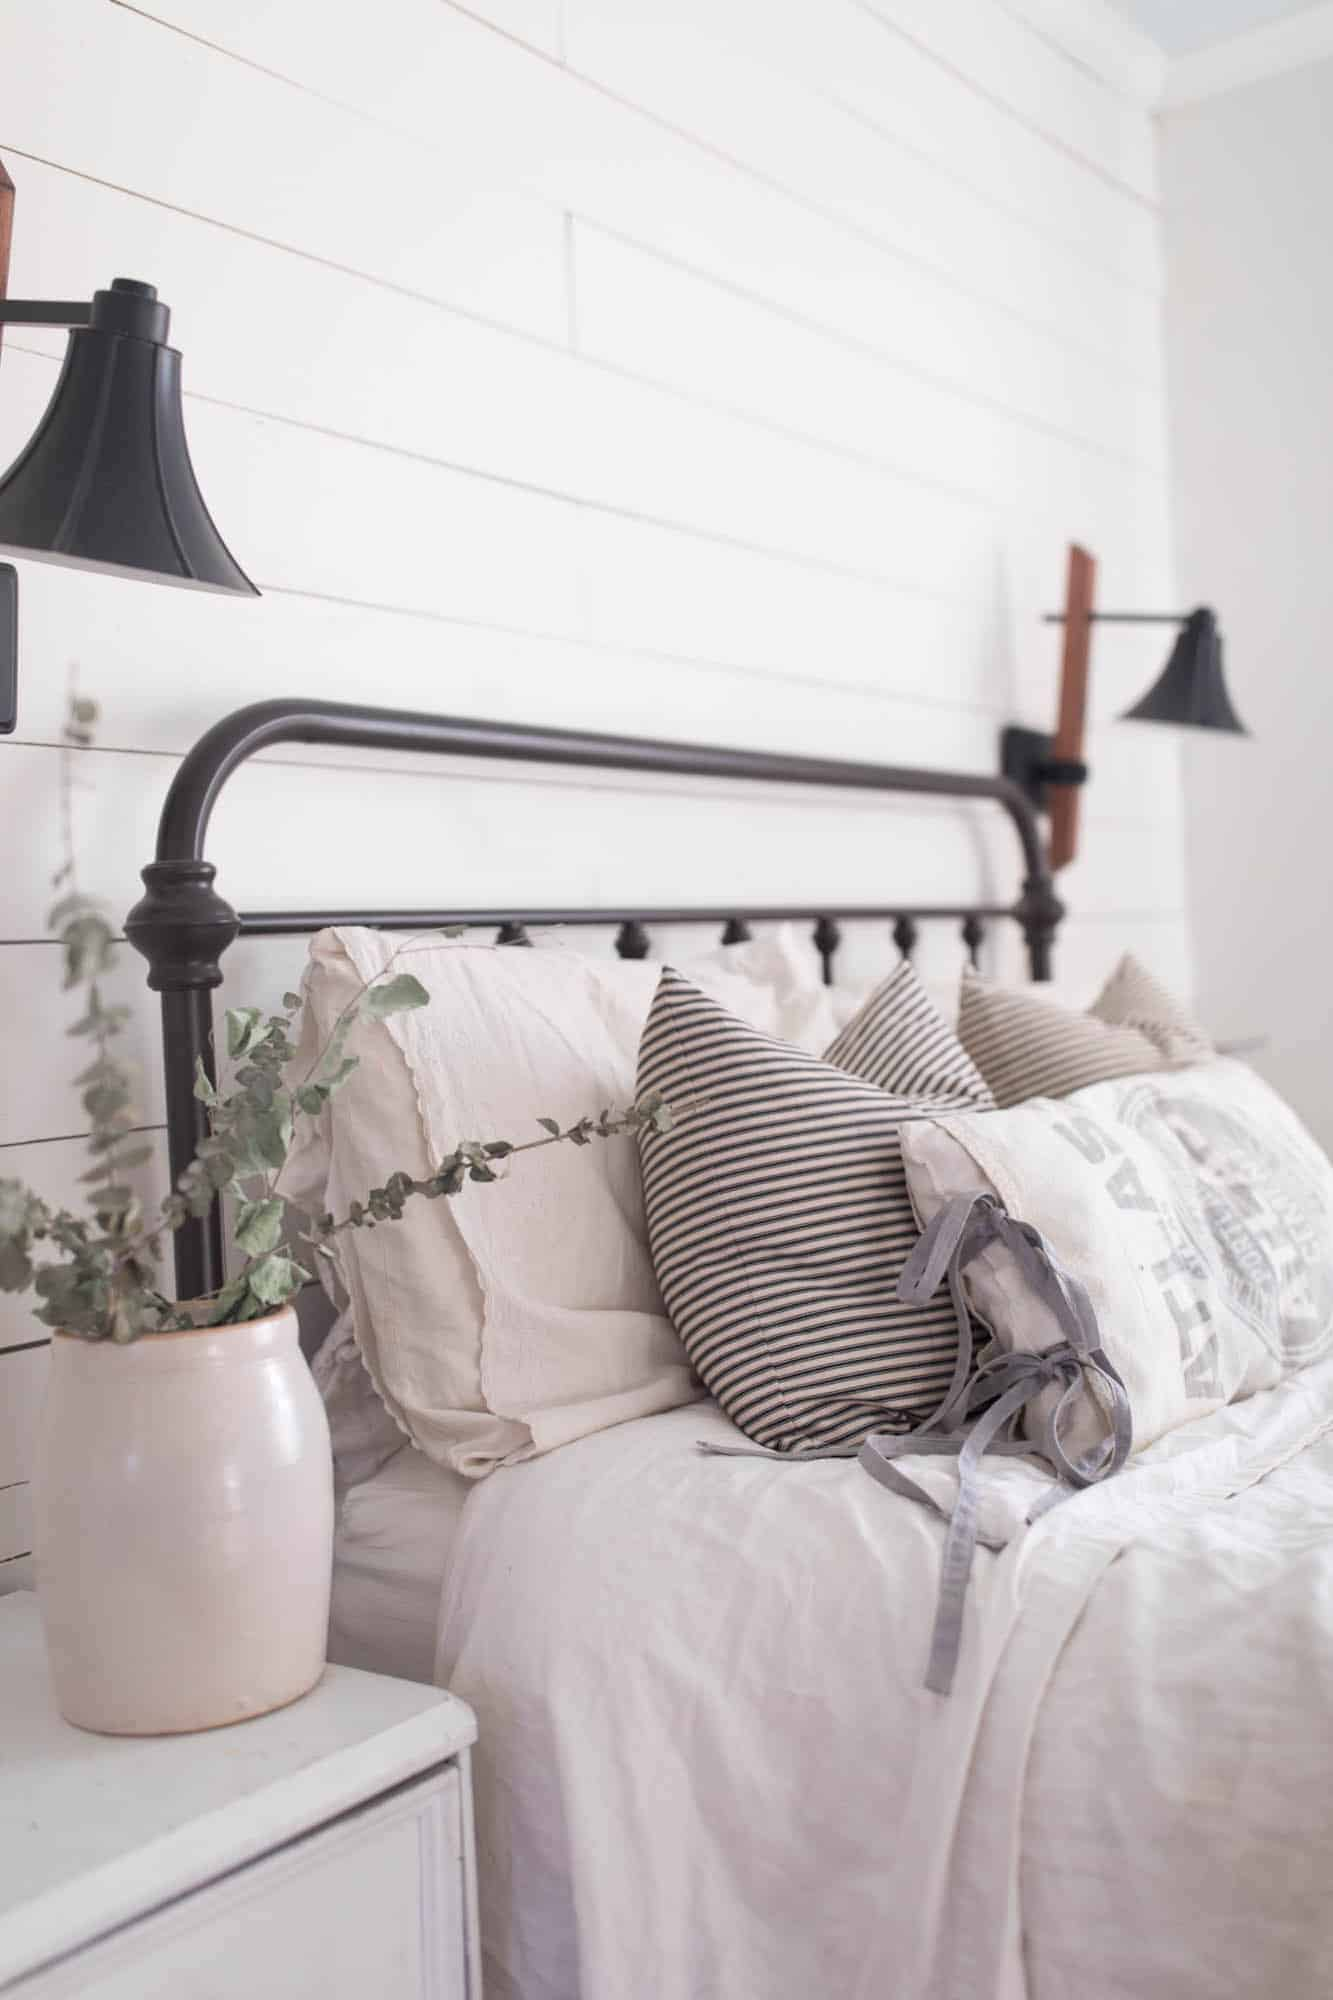 Grain Sack and Linen Pillow Cover DIY